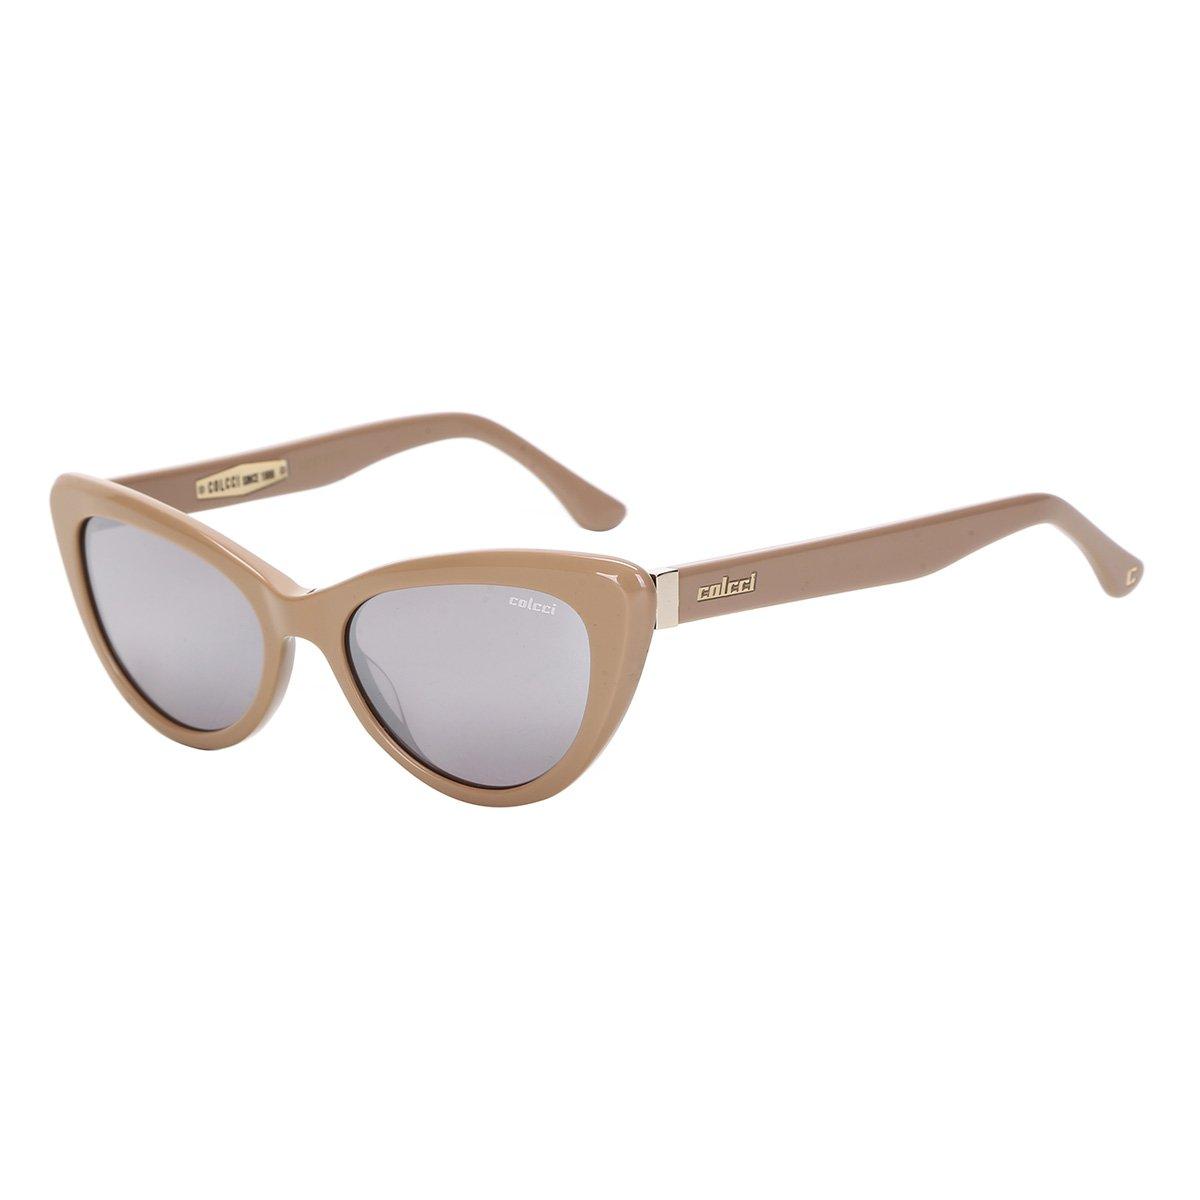 0f1cacbb0 Óculos de Sol Colcci Espelhado C0127 Feminino